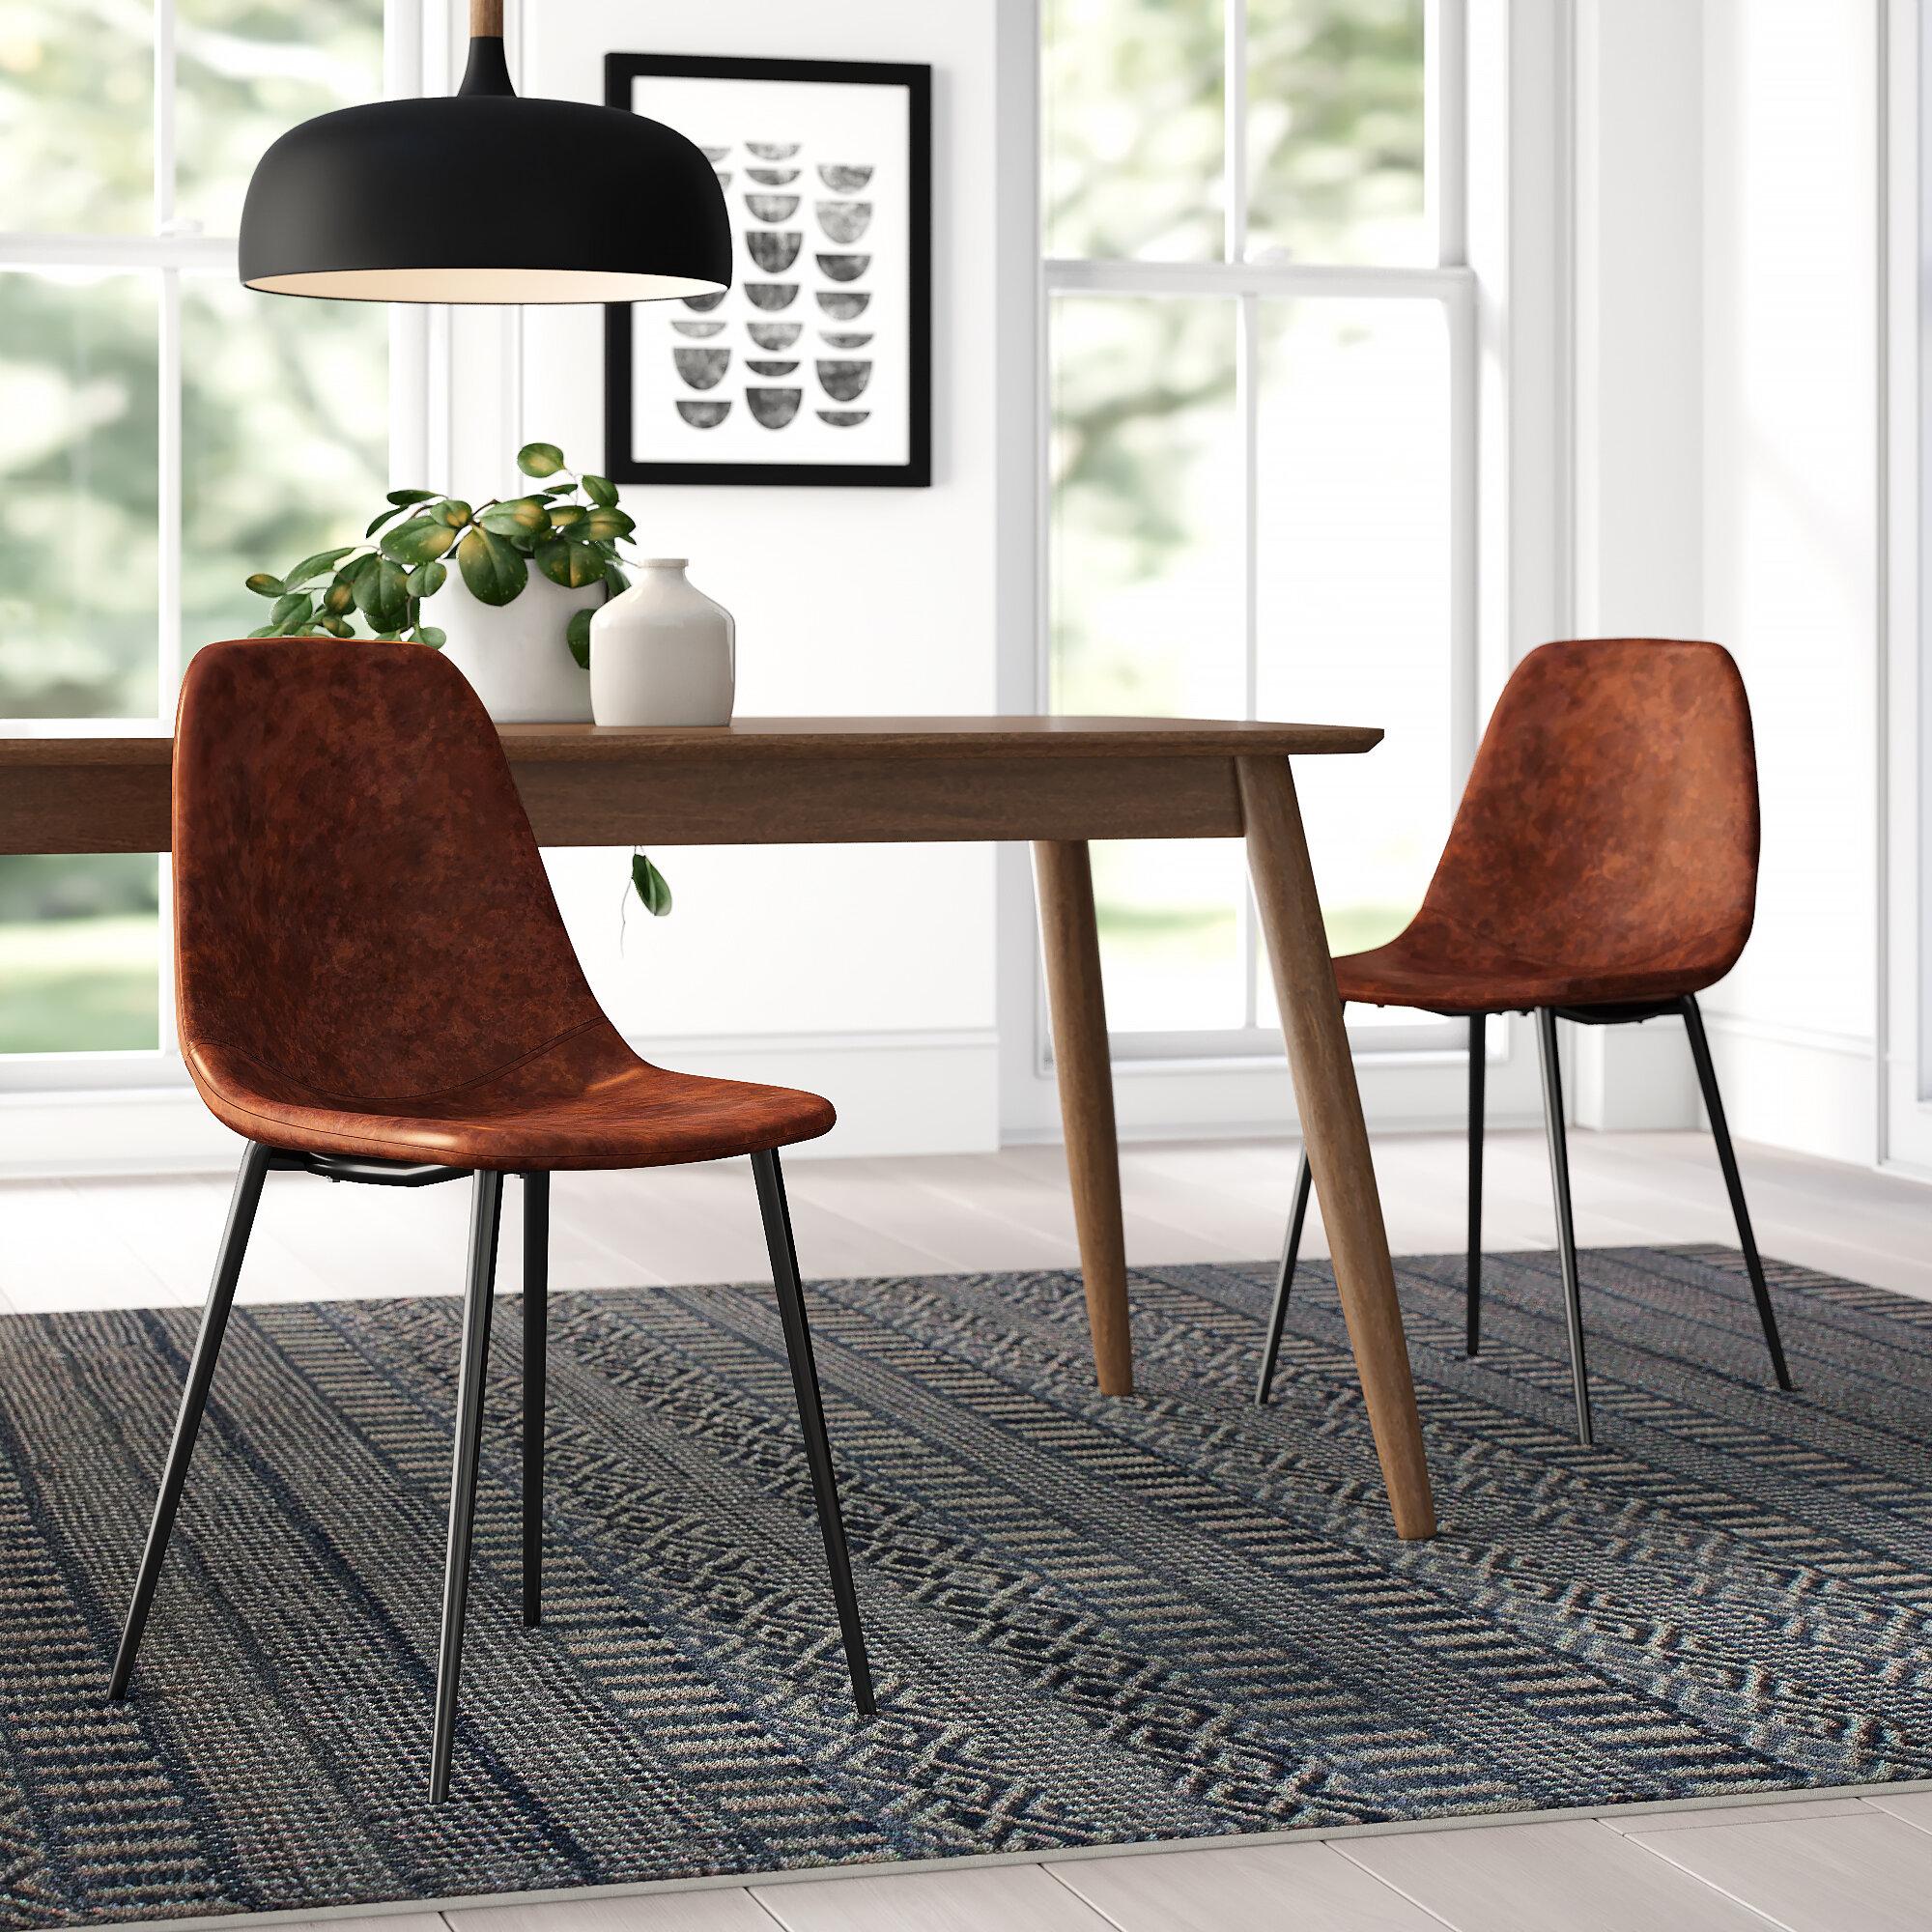 Strange Neil Upholstered Dining Chair Reviews Allmodern Pdpeps Interior Chair Design Pdpepsorg